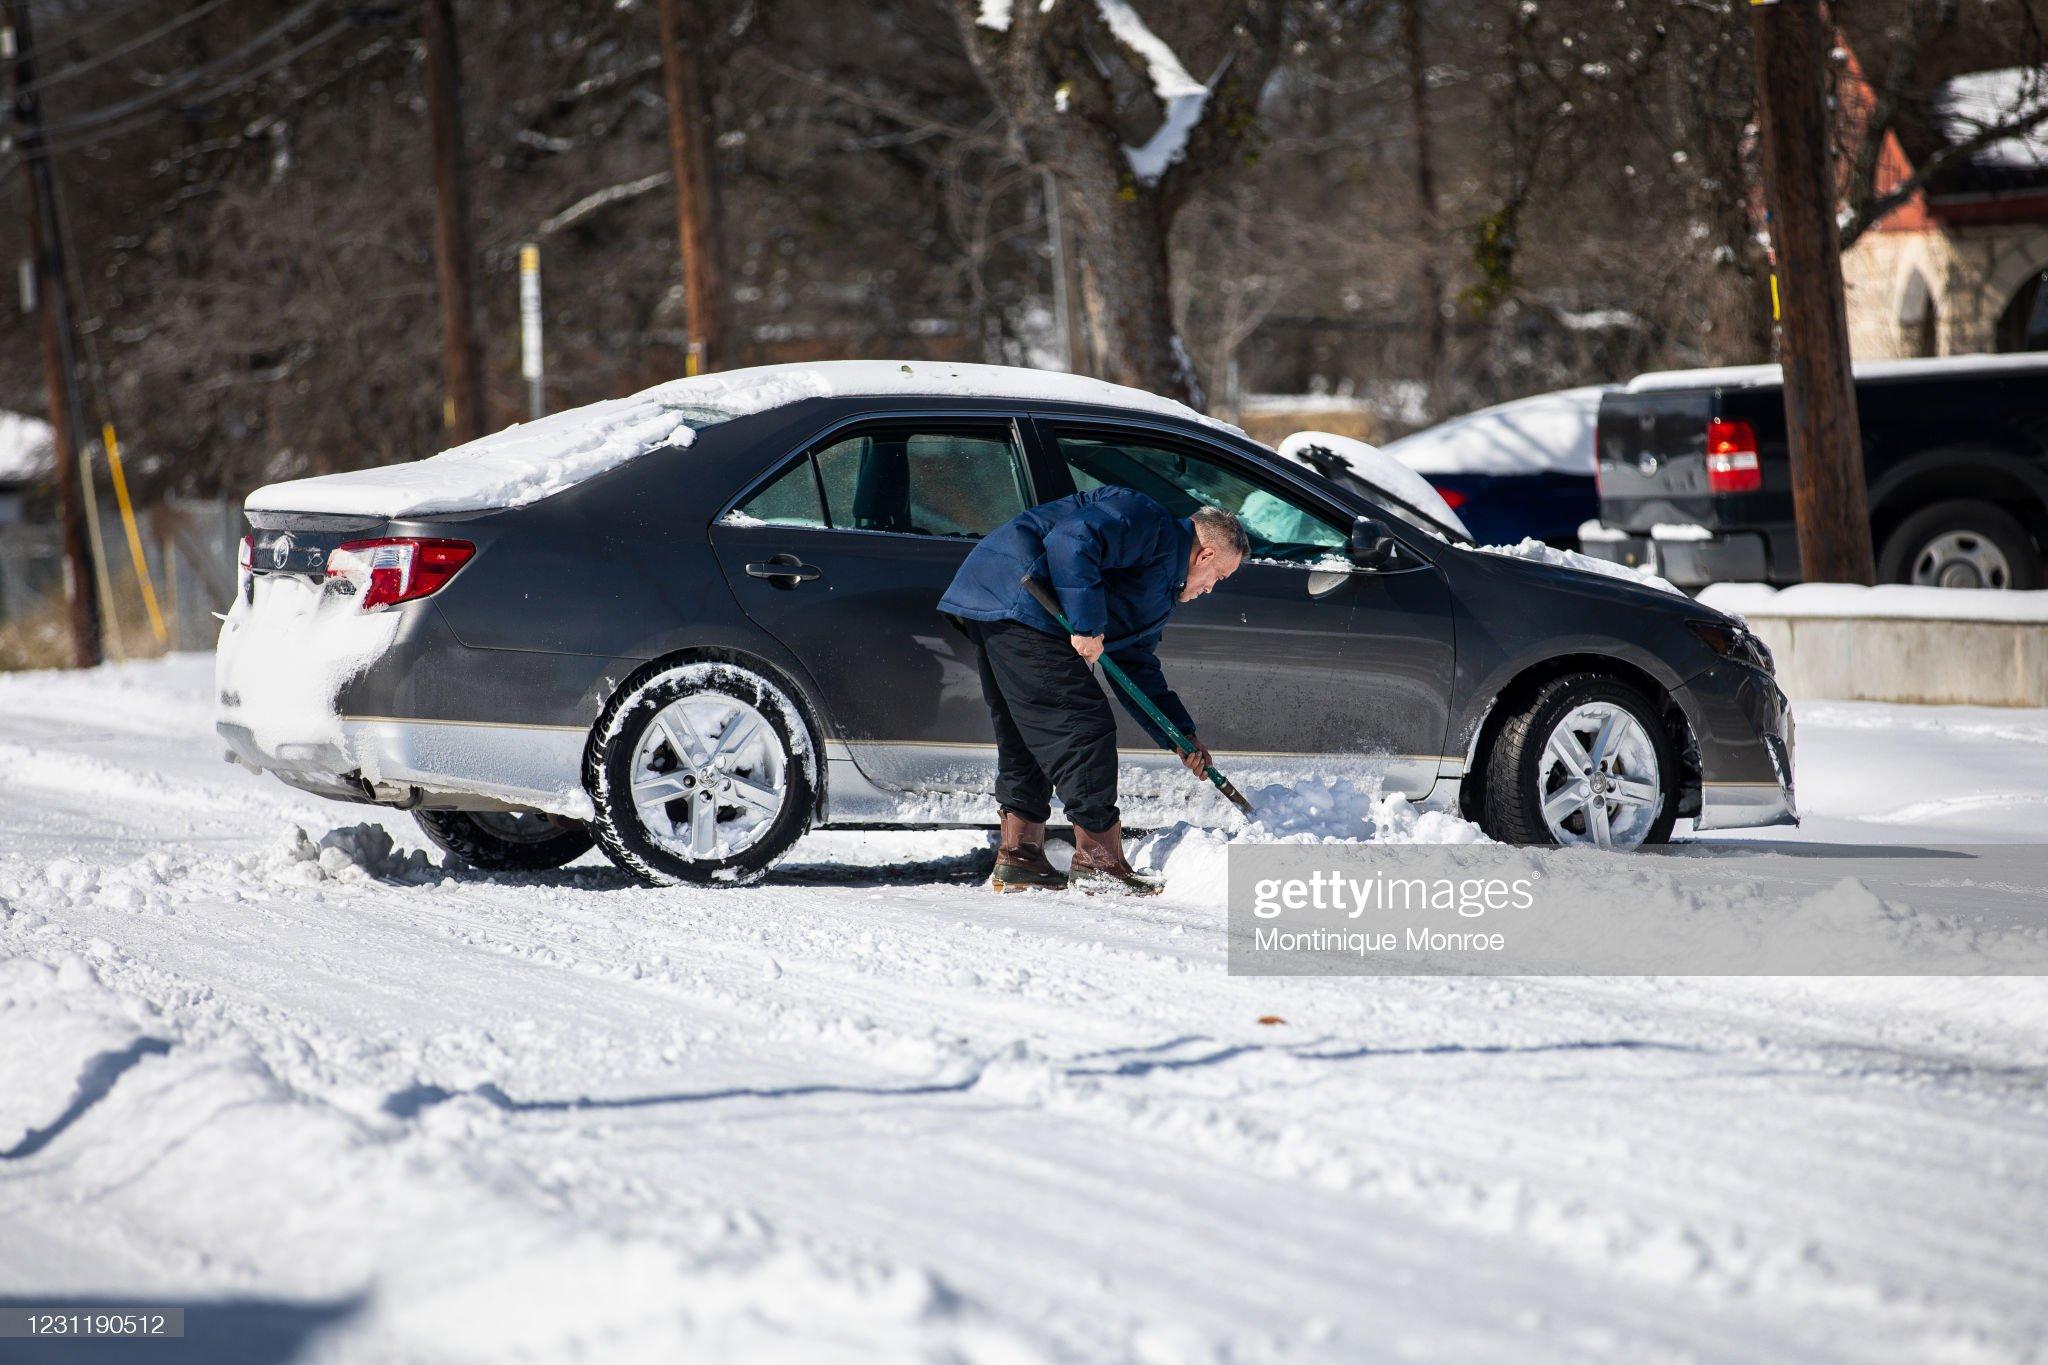 Winter Storm Uri Brings Ice And Snow Across Widespread Parts Of The Nation : Fotografía de noticias